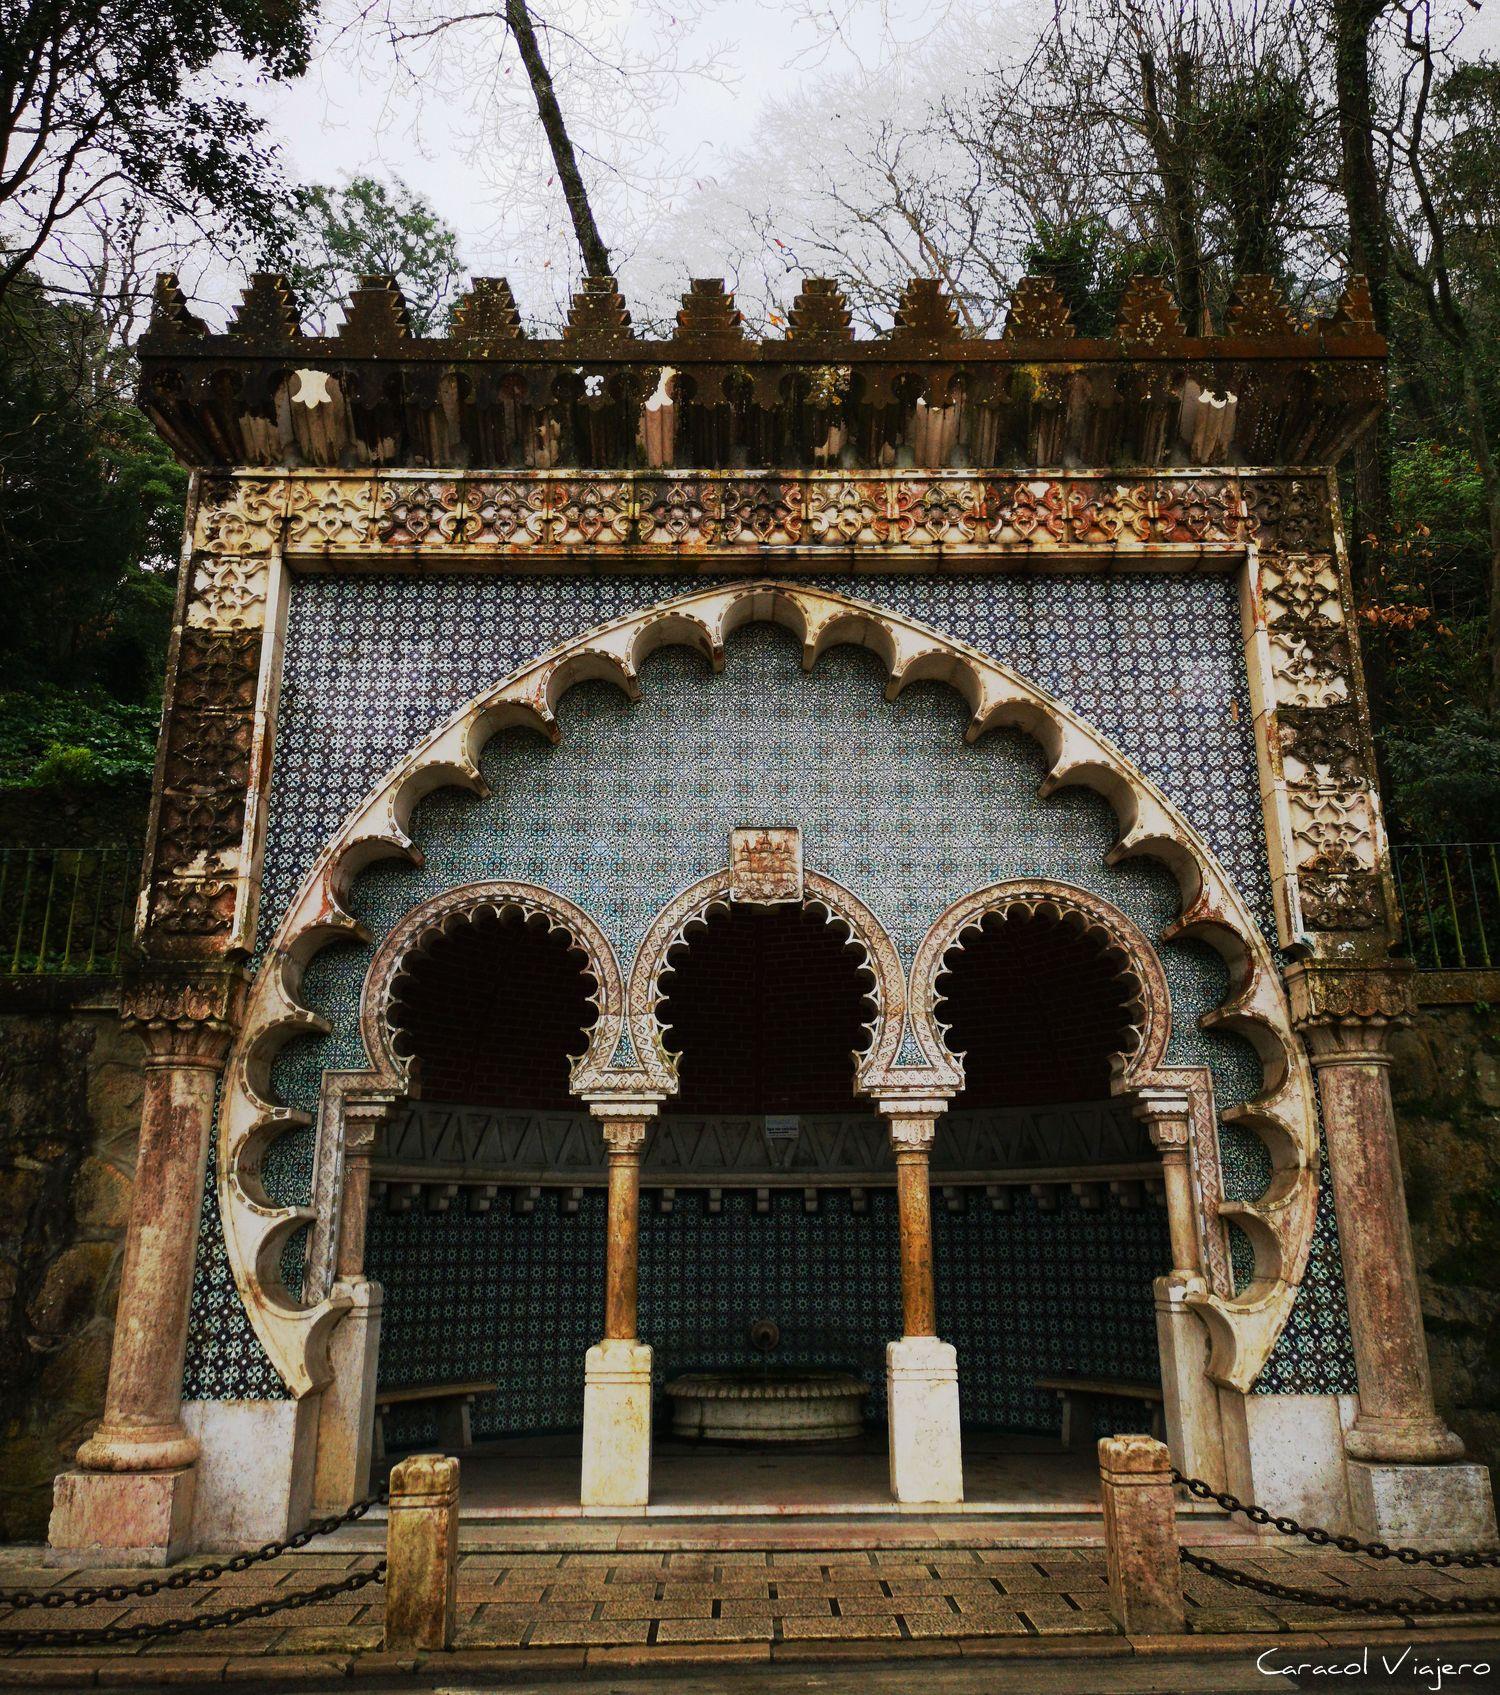 La fuente árabe de Sintra